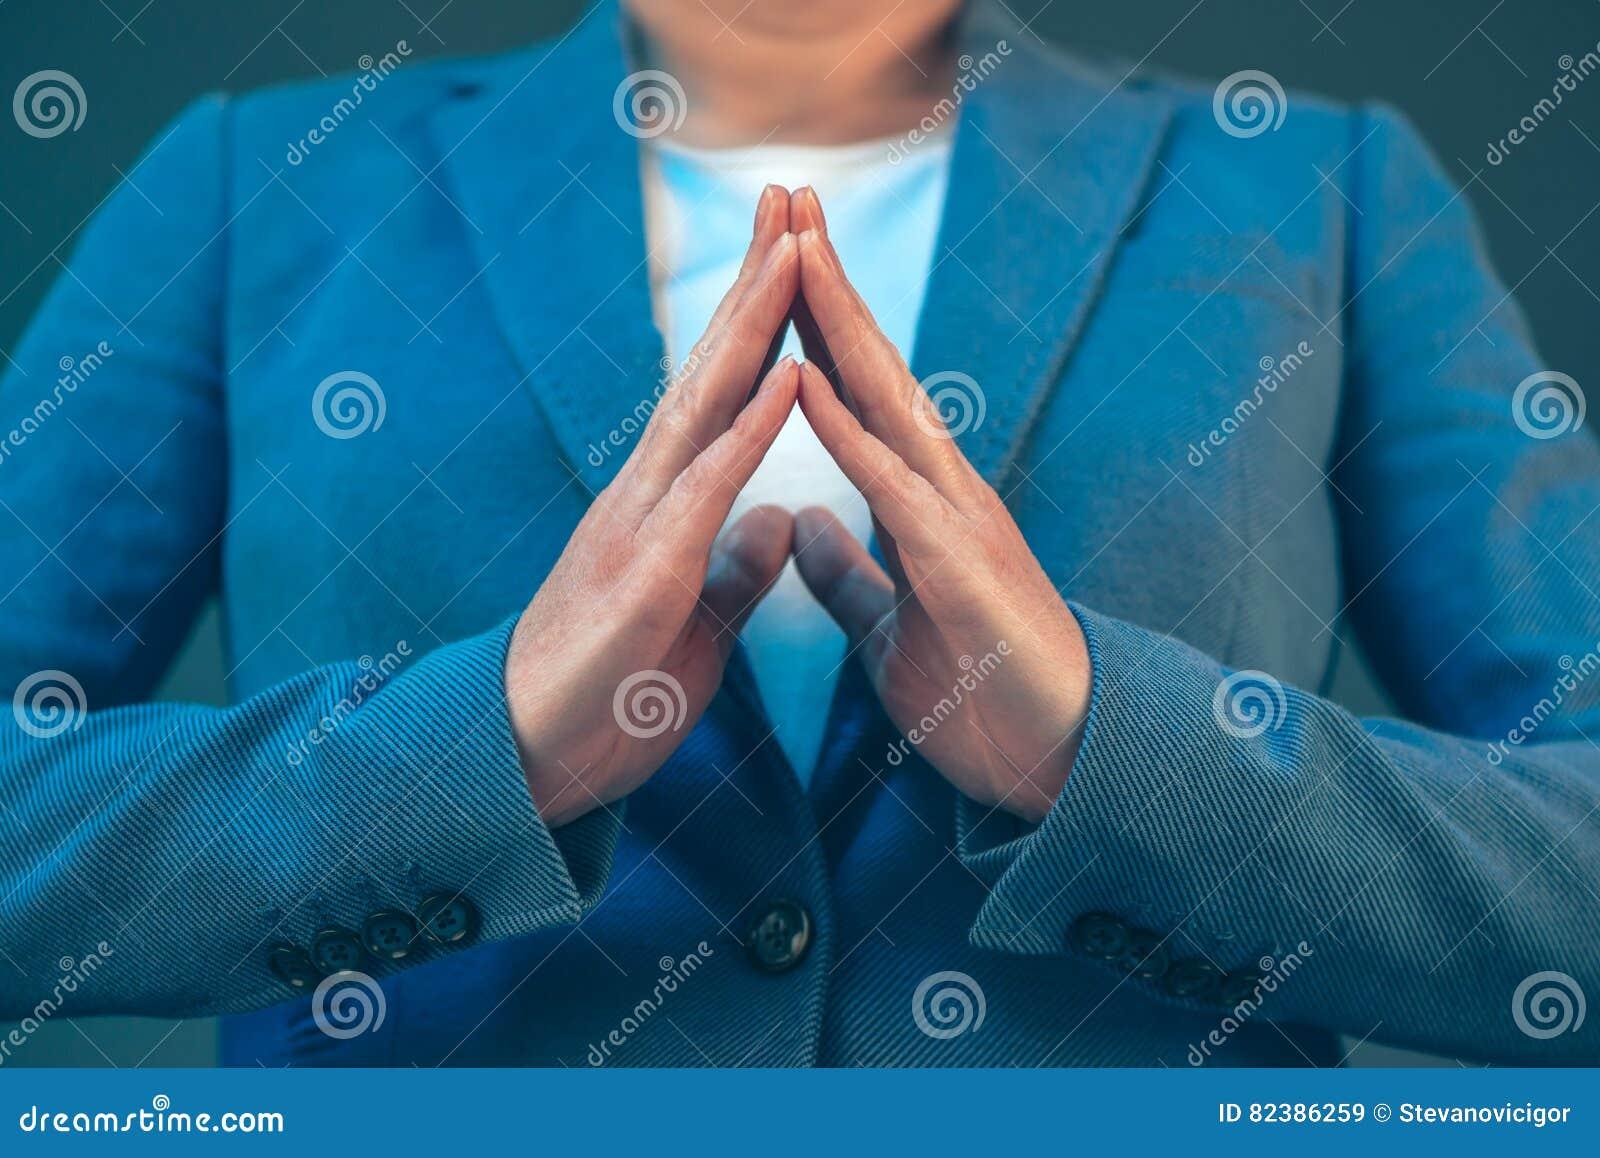 Linguagem corporal da mulher de negócios para a confiança e o amor-próprio